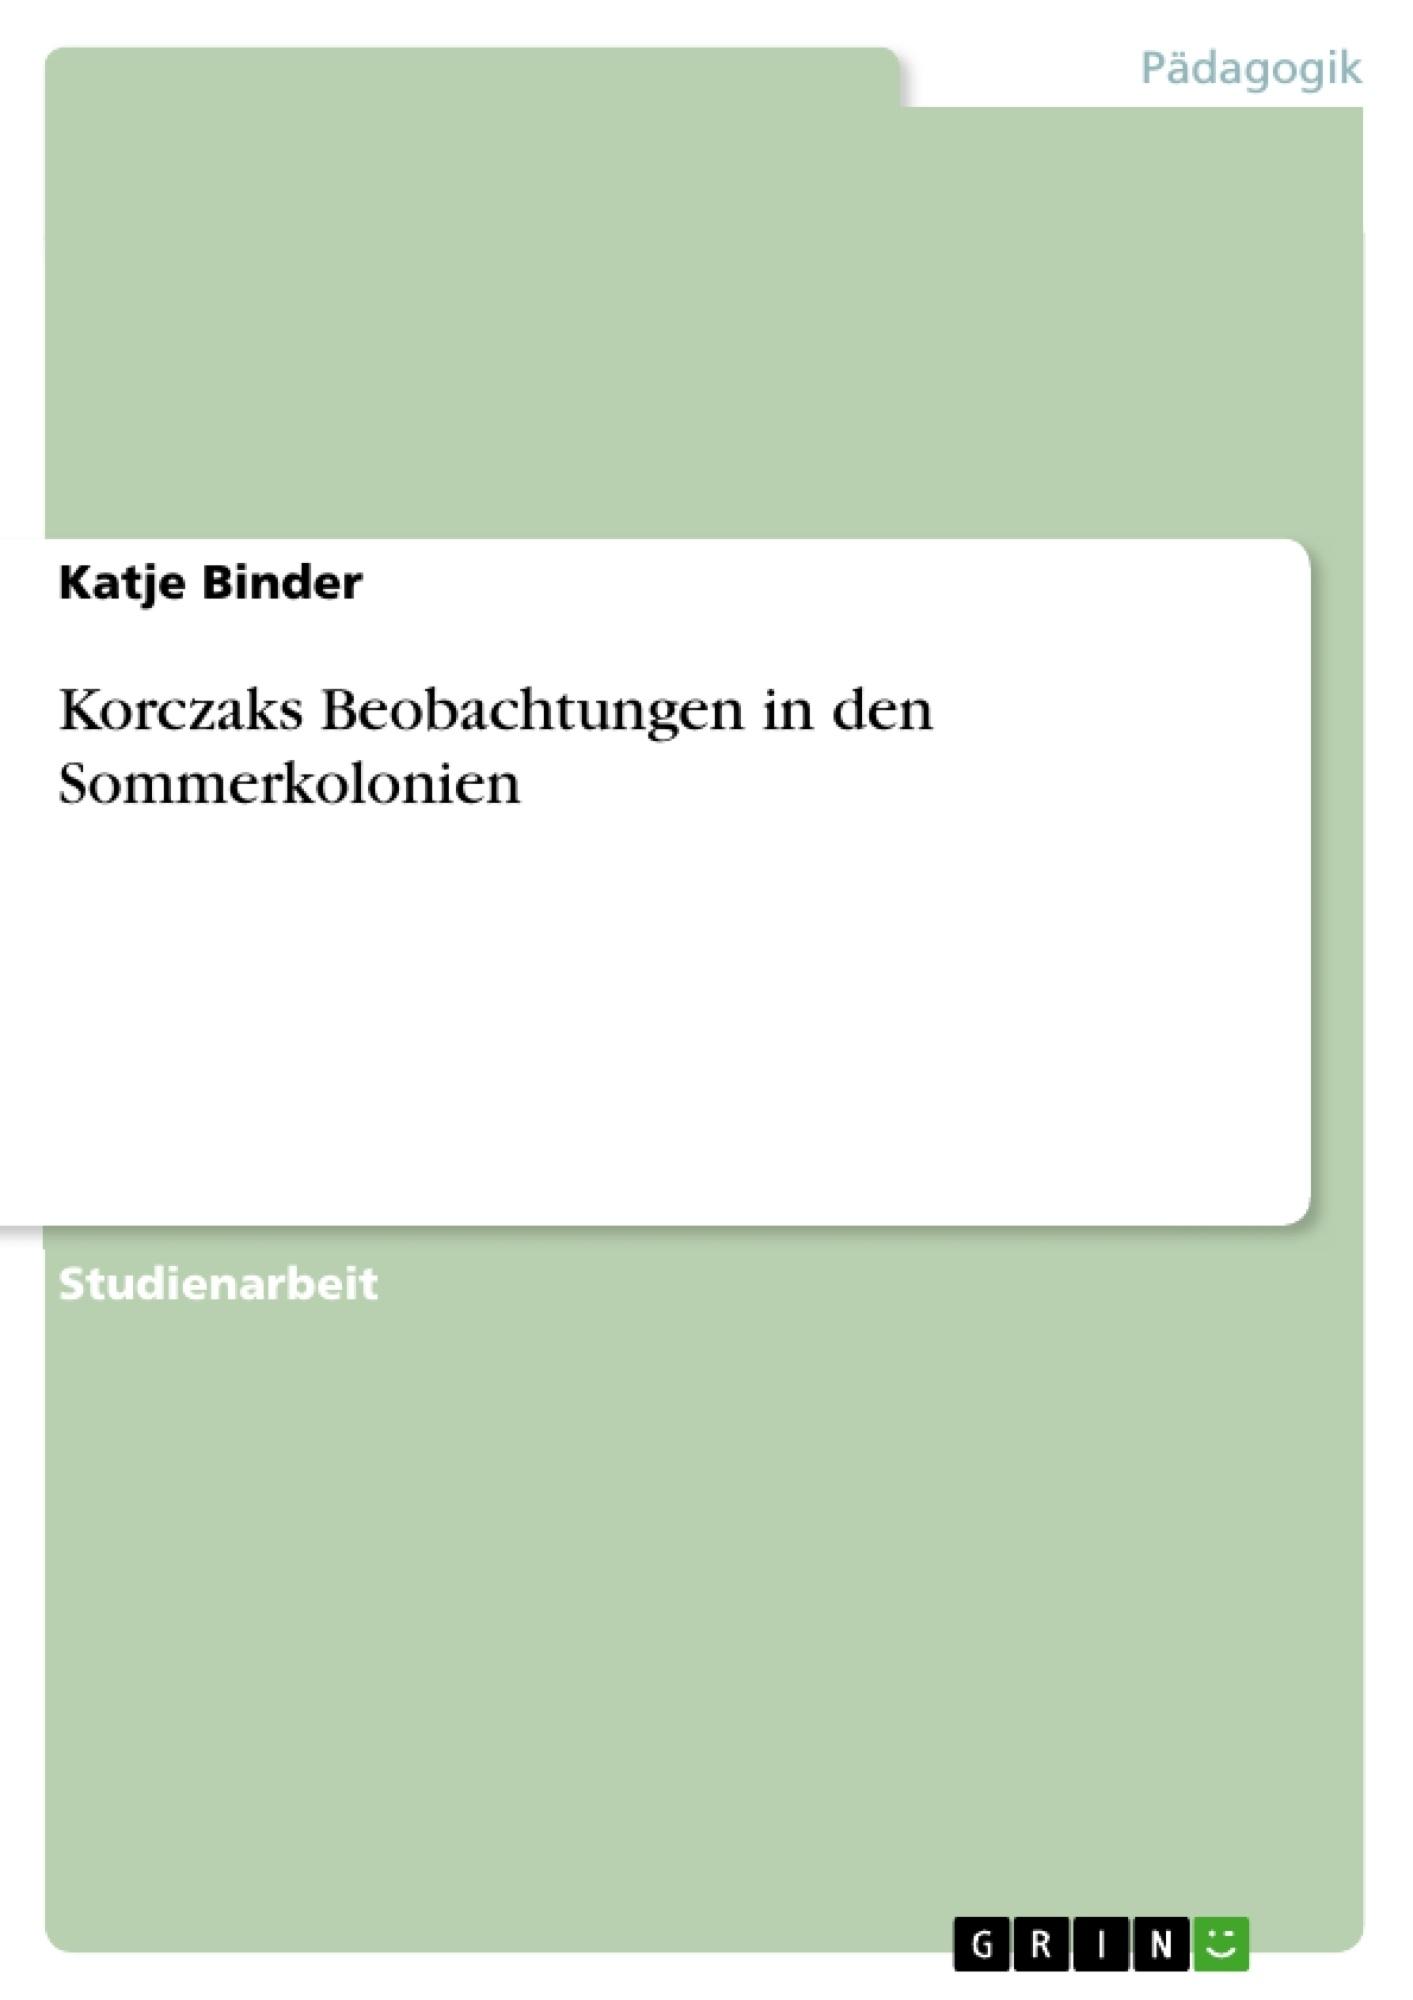 Titel: Korczaks Beobachtungen in den Sommerkolonien